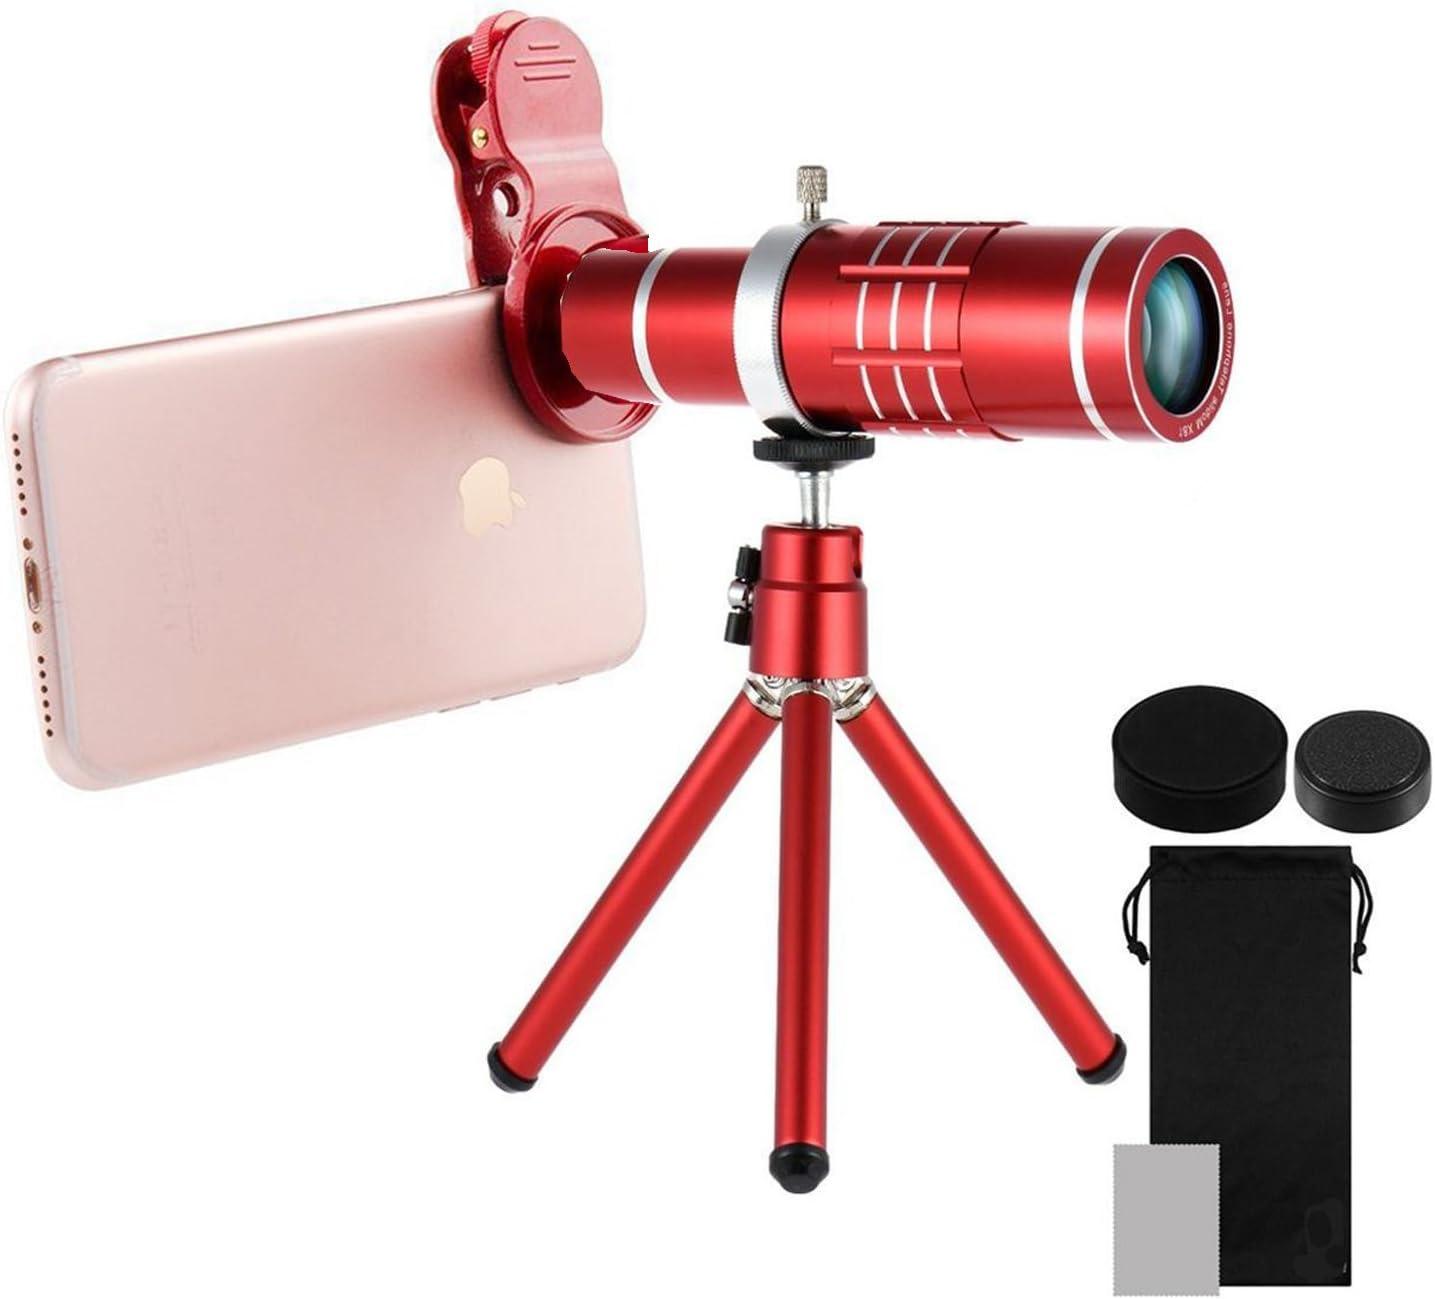 Telefon Kamera Objektiv Suaver Universal 18x Teleobjektiv Monokular Optisches Teleskop Objektiv Externes Handy Linse Mit Stativ Und Universalclip Für Iphone Samsung Galaxy Lg Htc Und Mehr Rot Beleuchtung